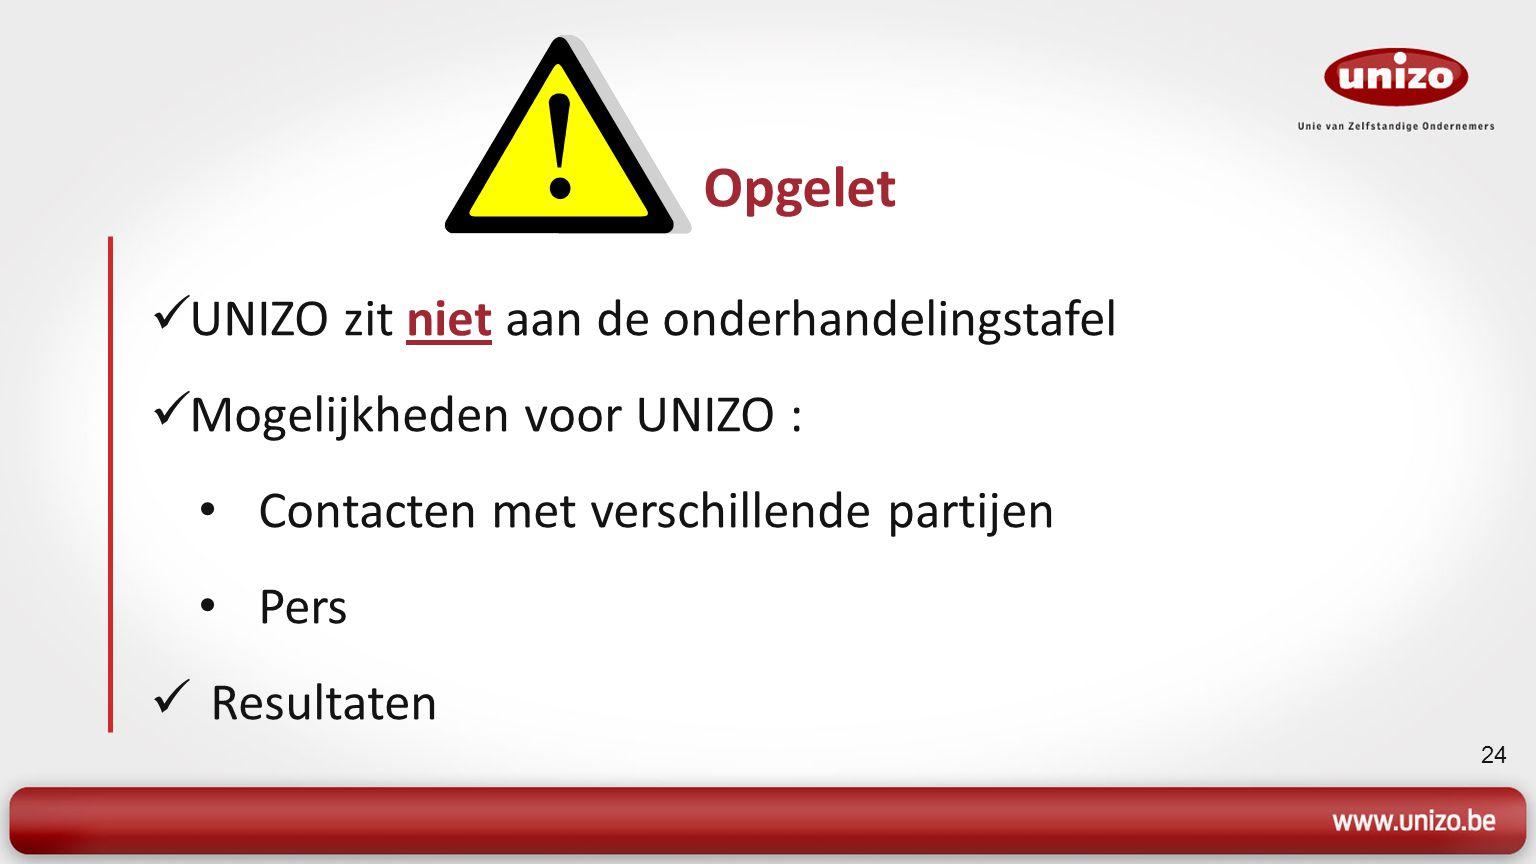 24 UNIZO zit niet aan de onderhandelingstafel Mogelijkheden voor UNIZO : Contacten met verschillende partijen Pers Resultaten Opgelet